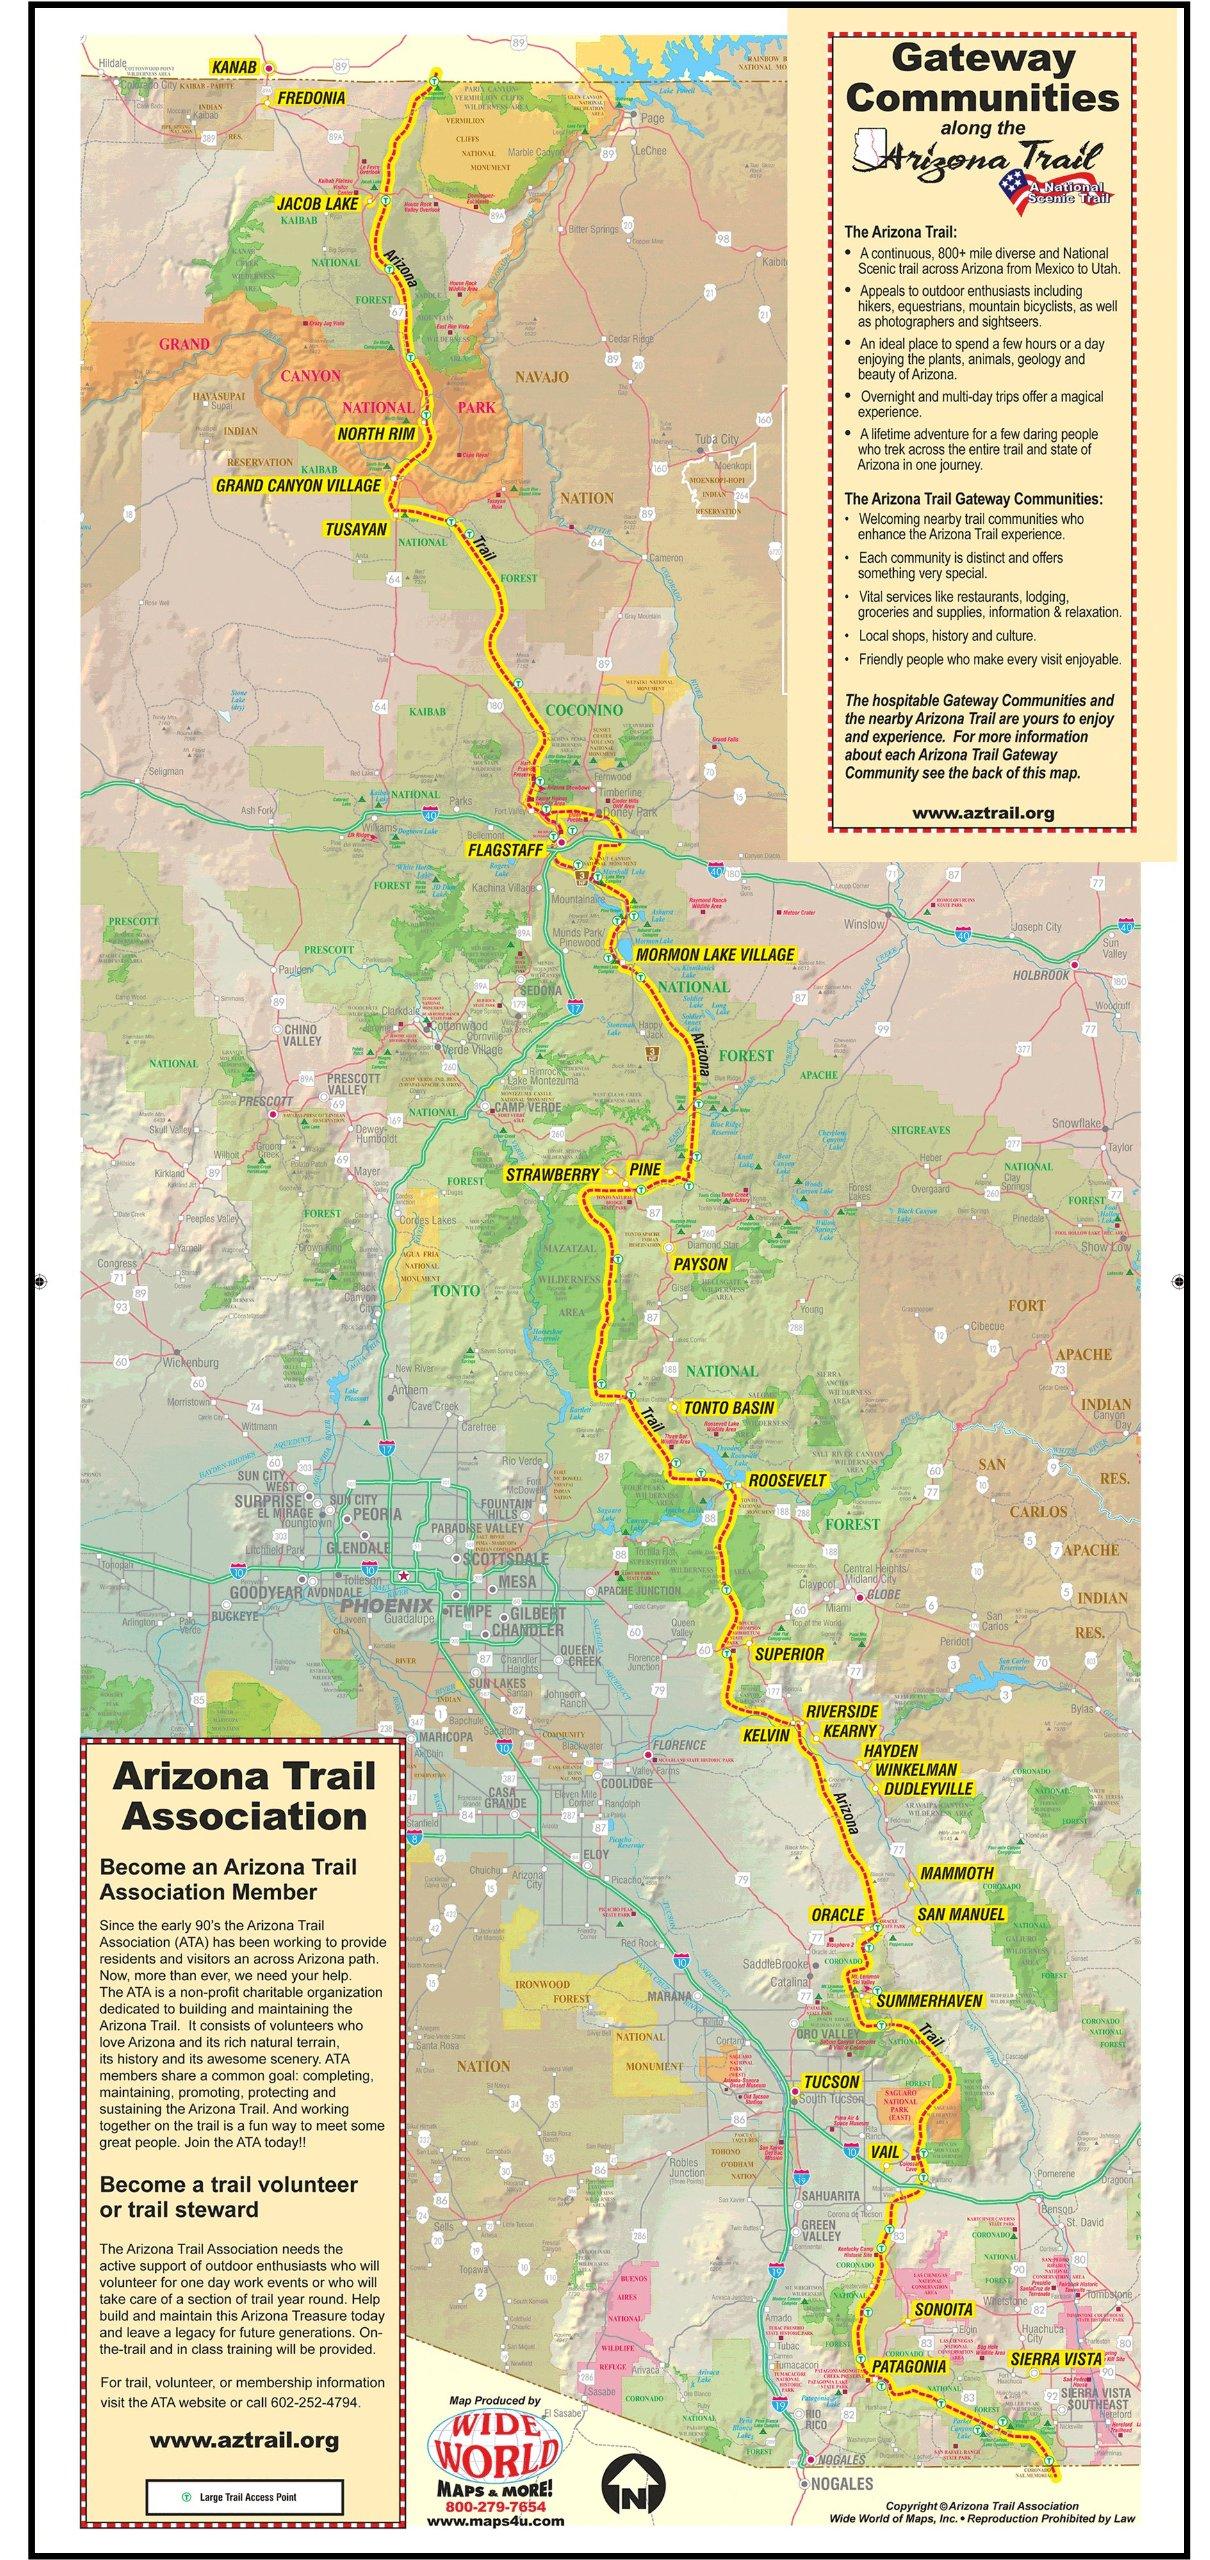 Gateway Communities Along the Arizona Trail: Arizona Trail ...